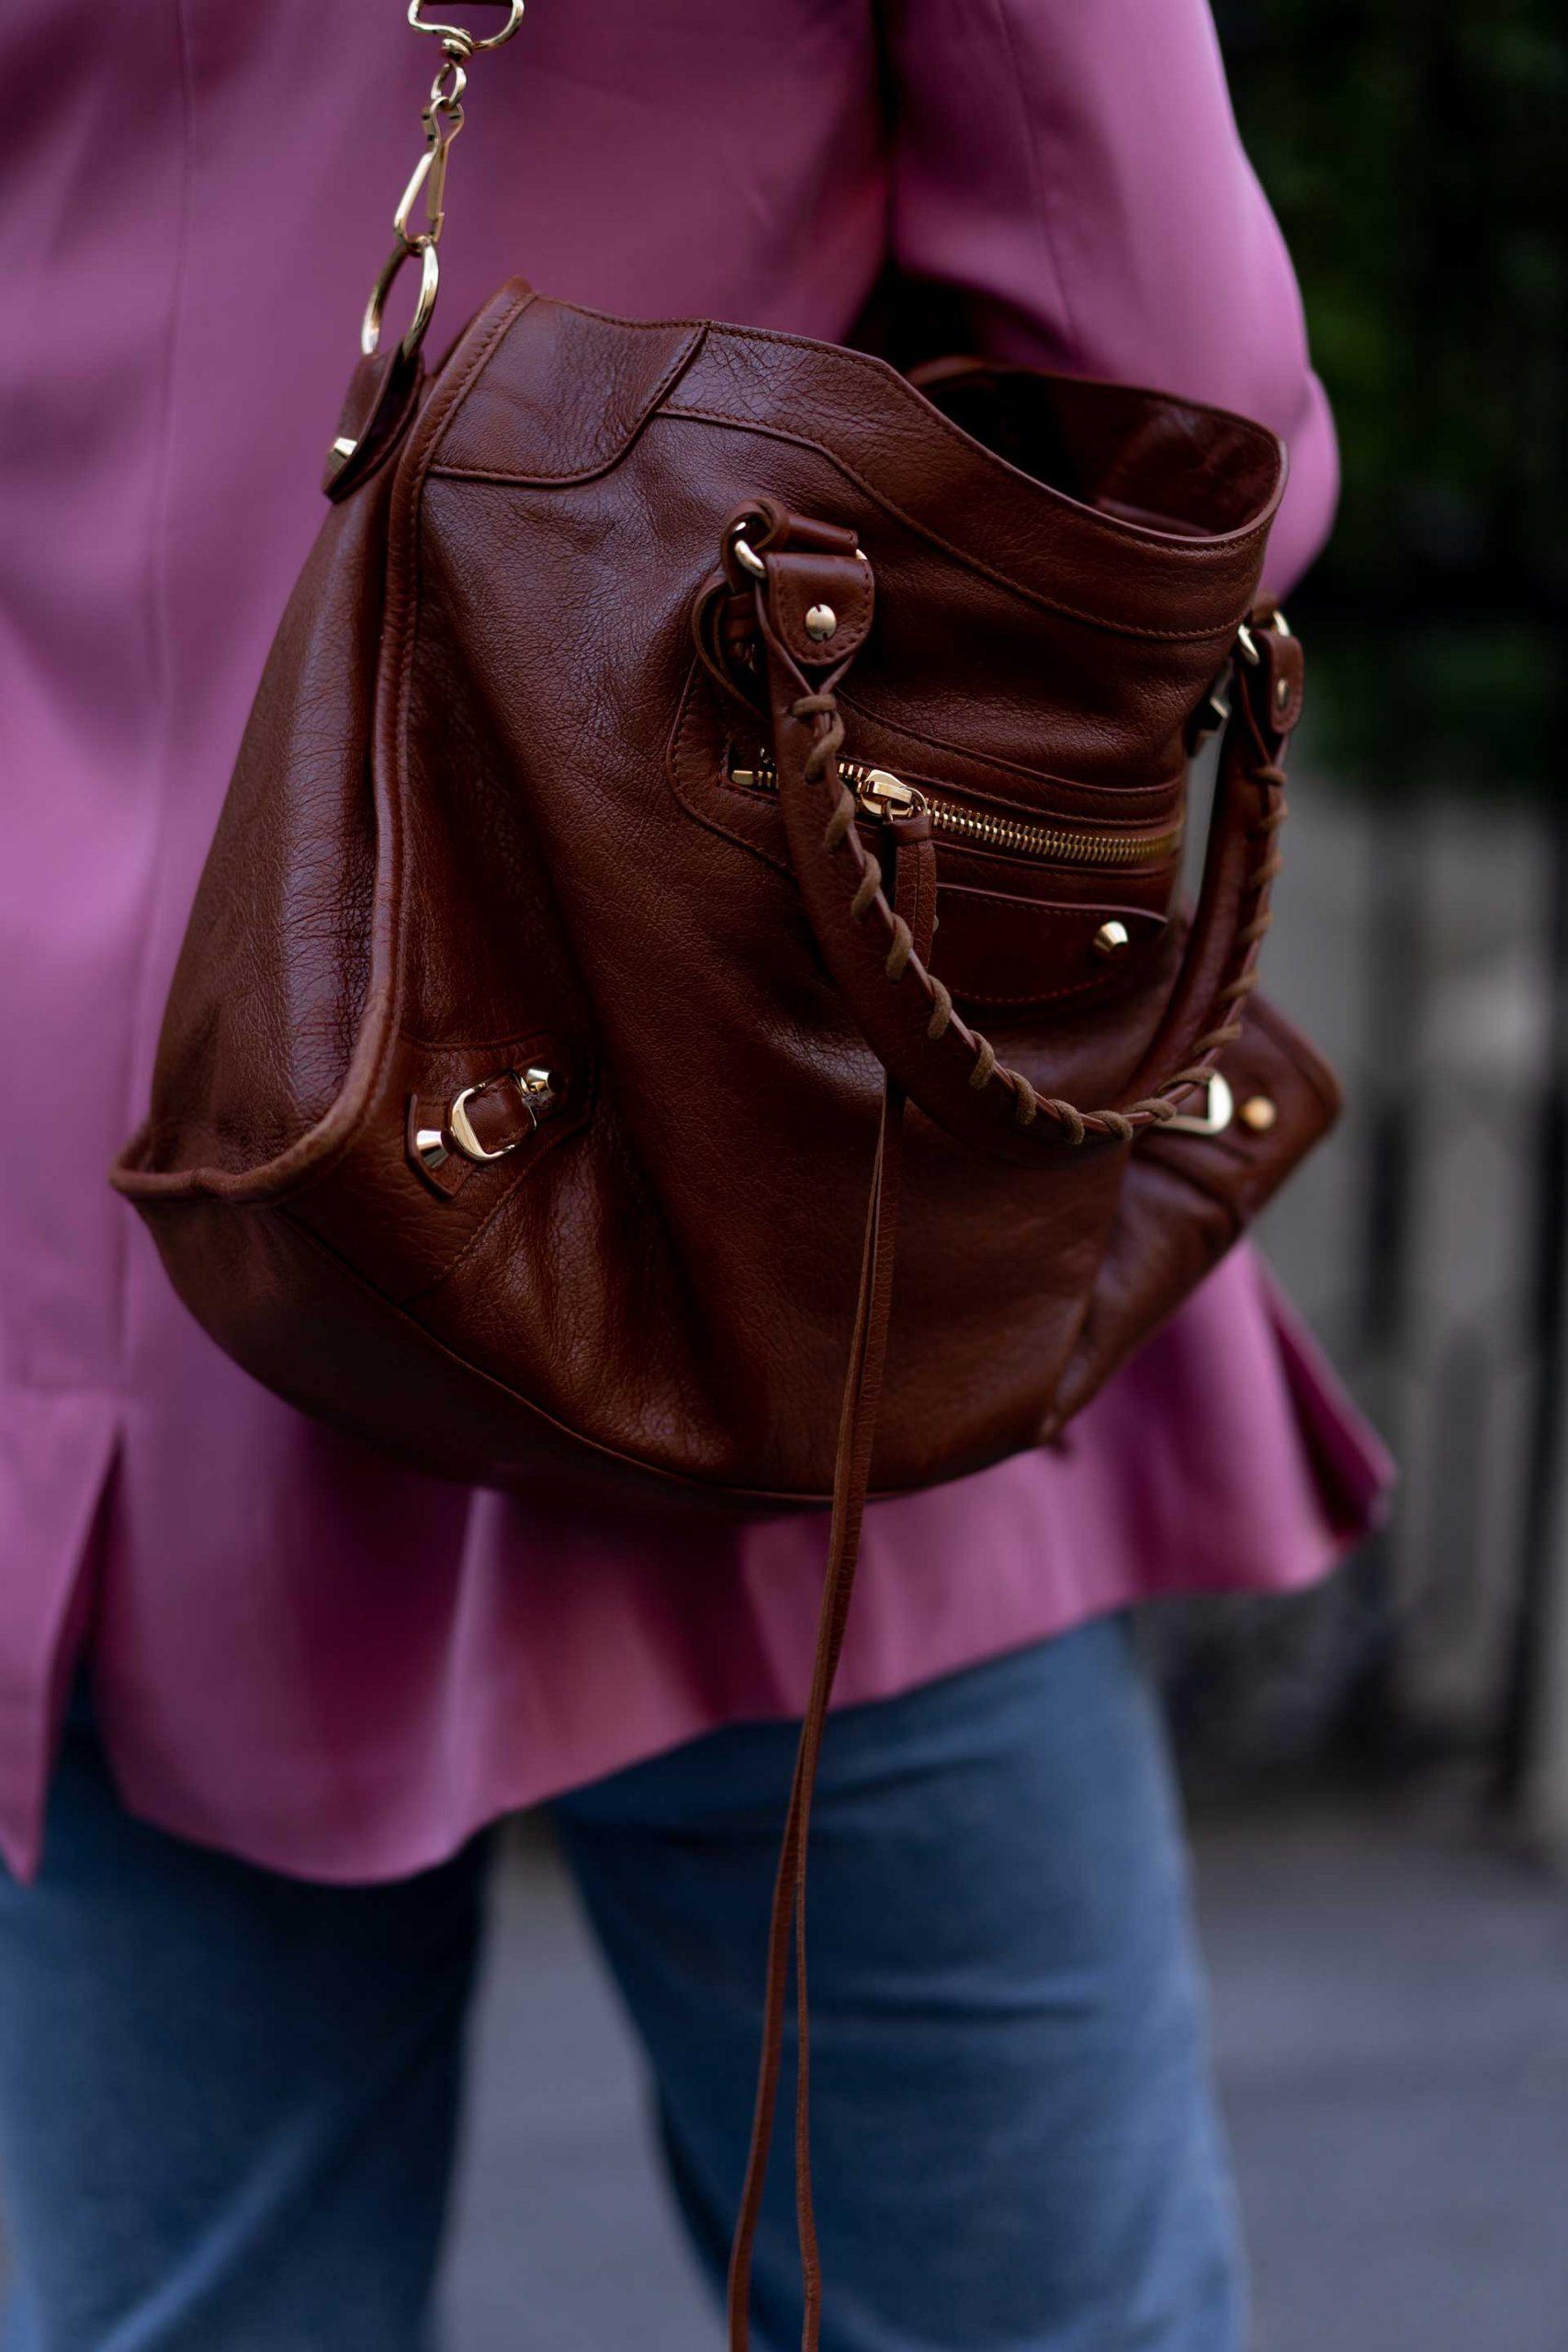 Produktplatzierung. Am Modeblog zeige ich dir ein Herbst Outfit mit Mom Jeans, Blazer und Oversize-Mantel. Alle Teile sind verlinkt, du kannst den Look 1:1 nachshoppen! www.whoismocca.com